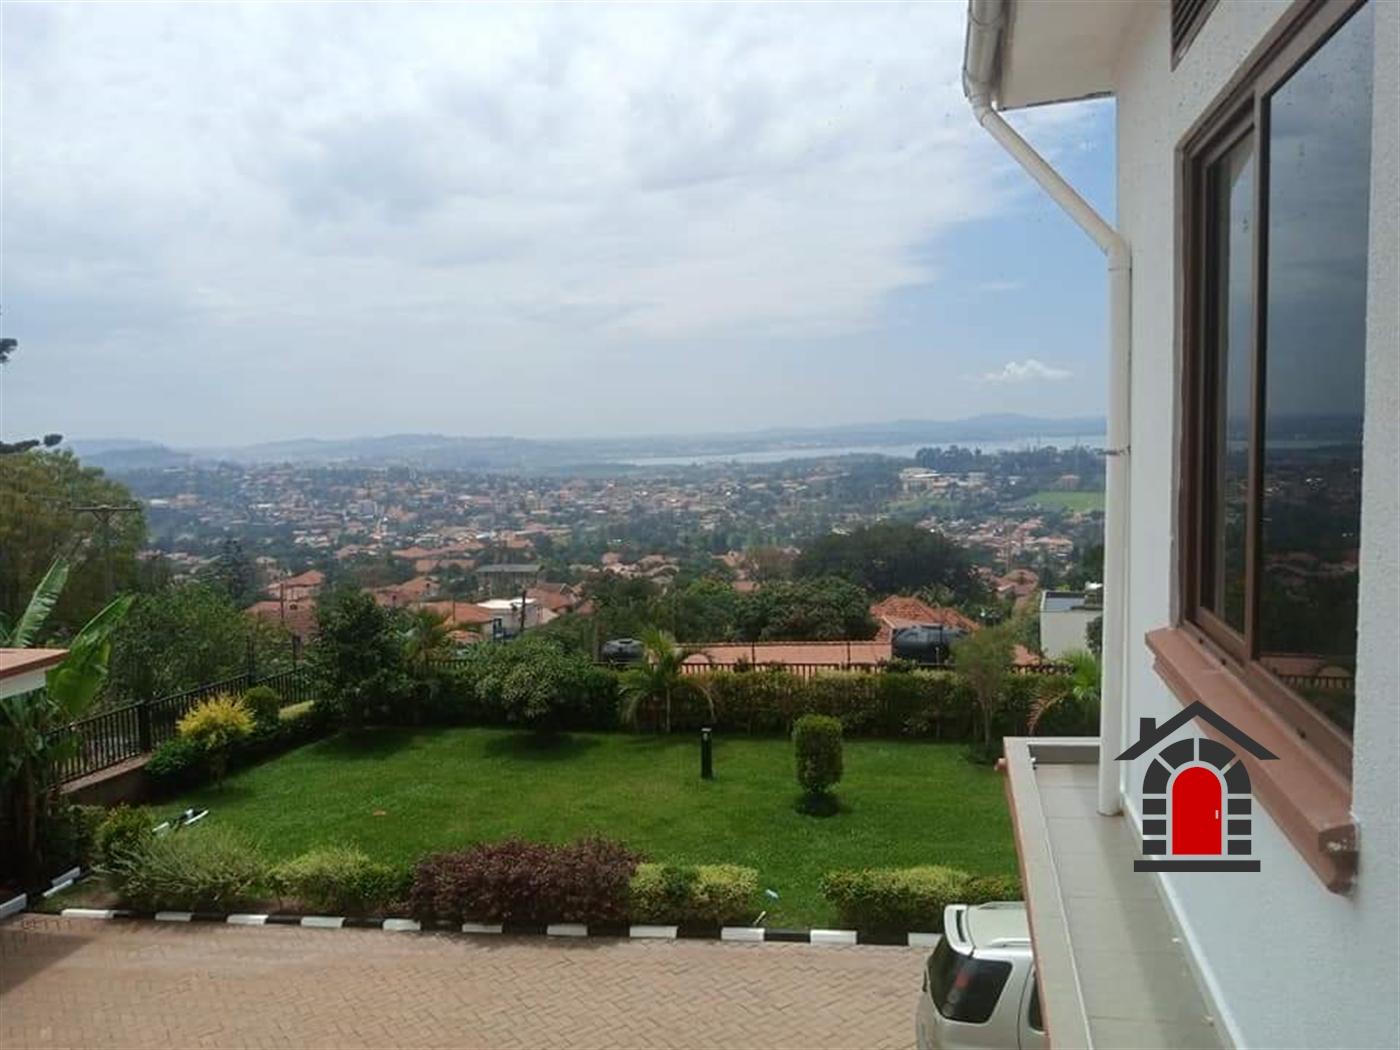 Storeyed house for rent in Munyonyo Kampala